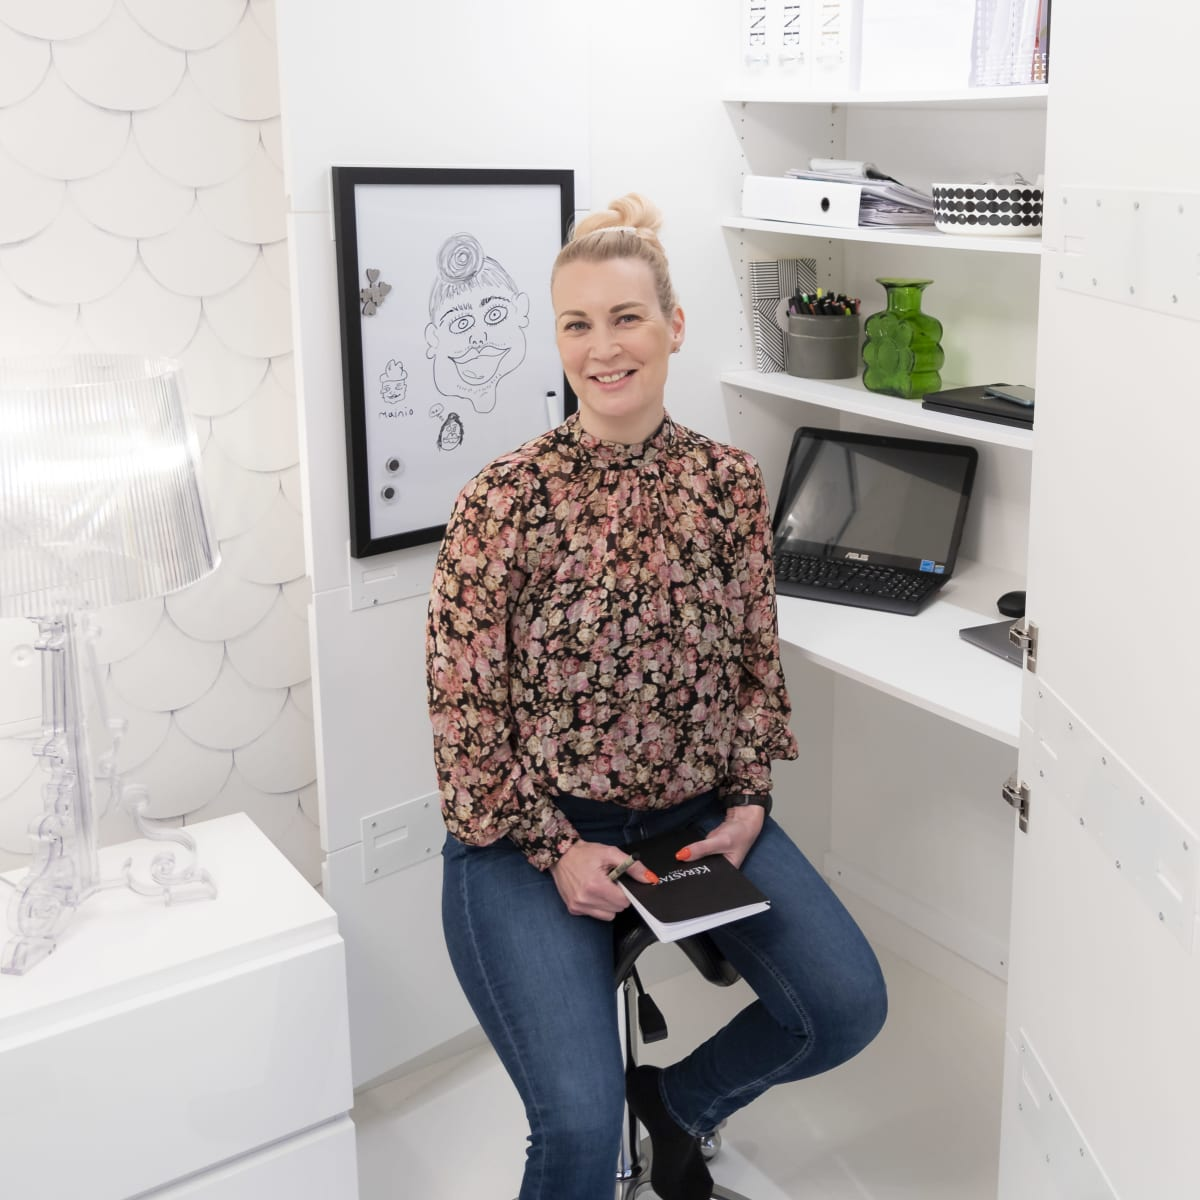 Marjo Ahola istuu etätyöpisteessään kotona. Hänellä on vihko ja työvälineitä käsissään. Työpöydällä on kannettava tietokone.